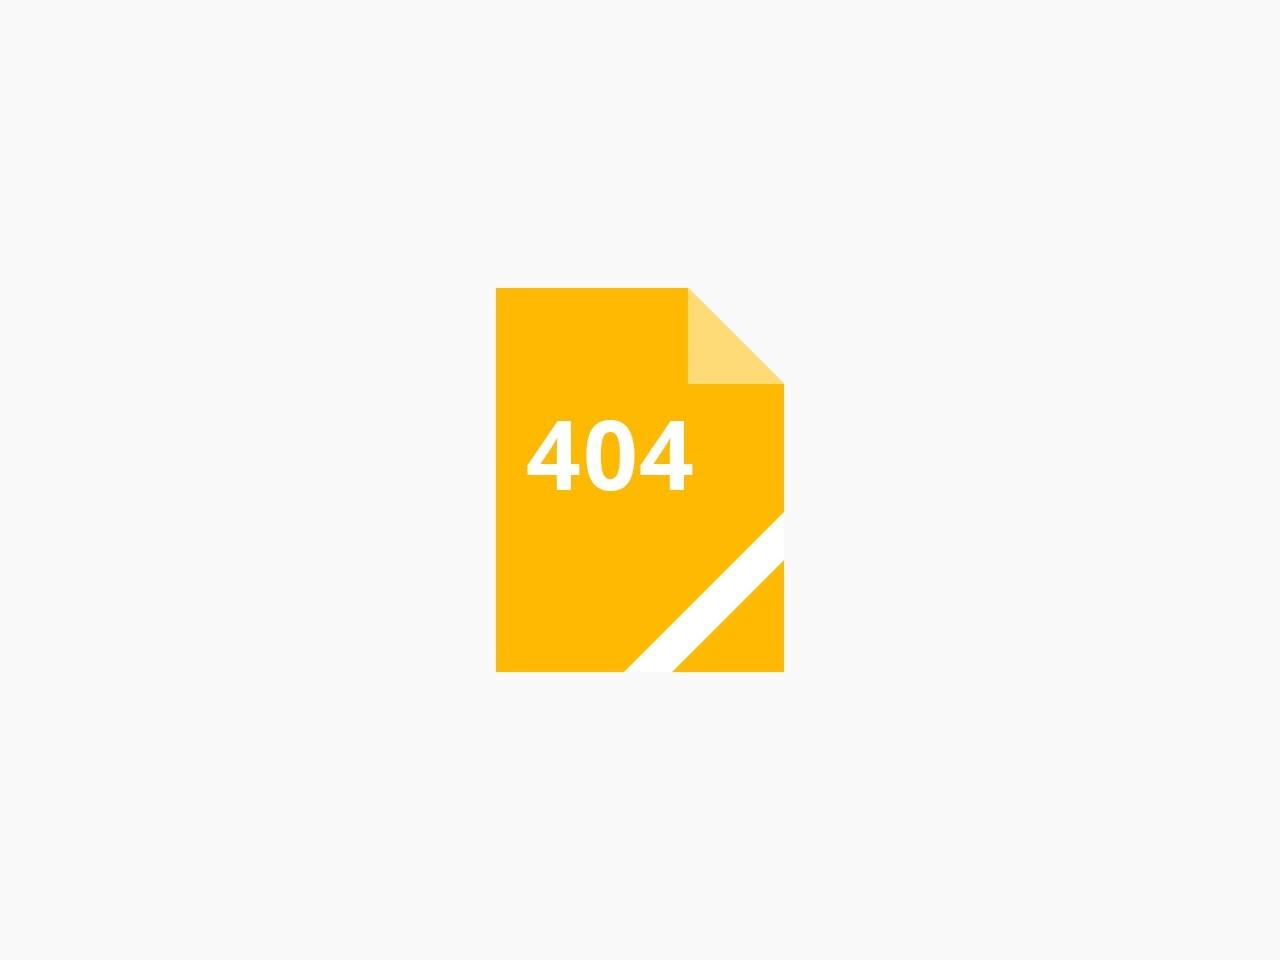 CA002二手音响器材网的网站截图